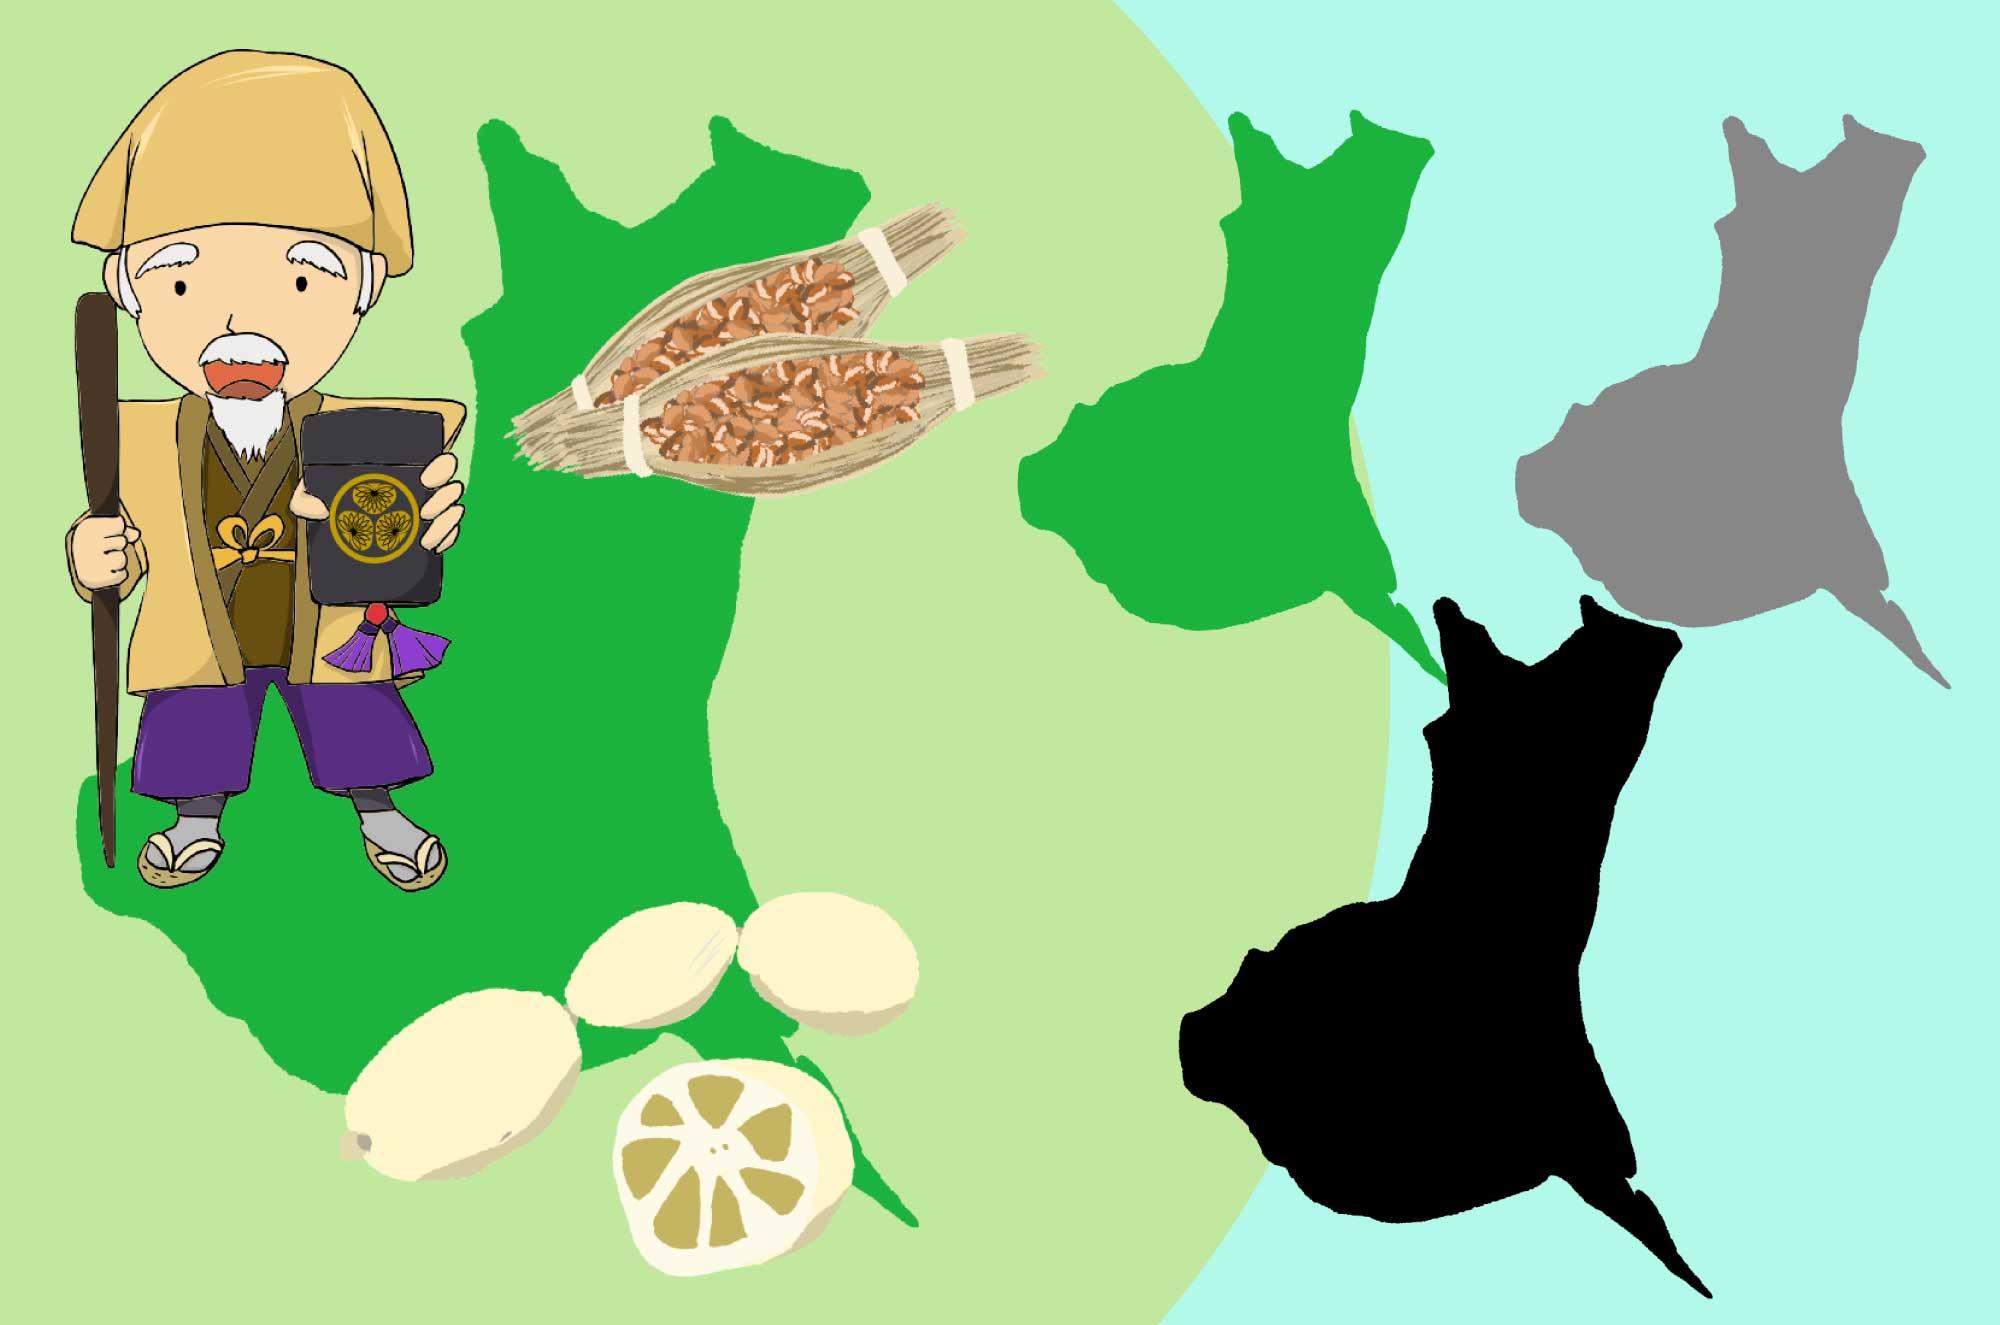 茨城のイラスト - 大陸・水戸納豆・水戸黄門無料素材